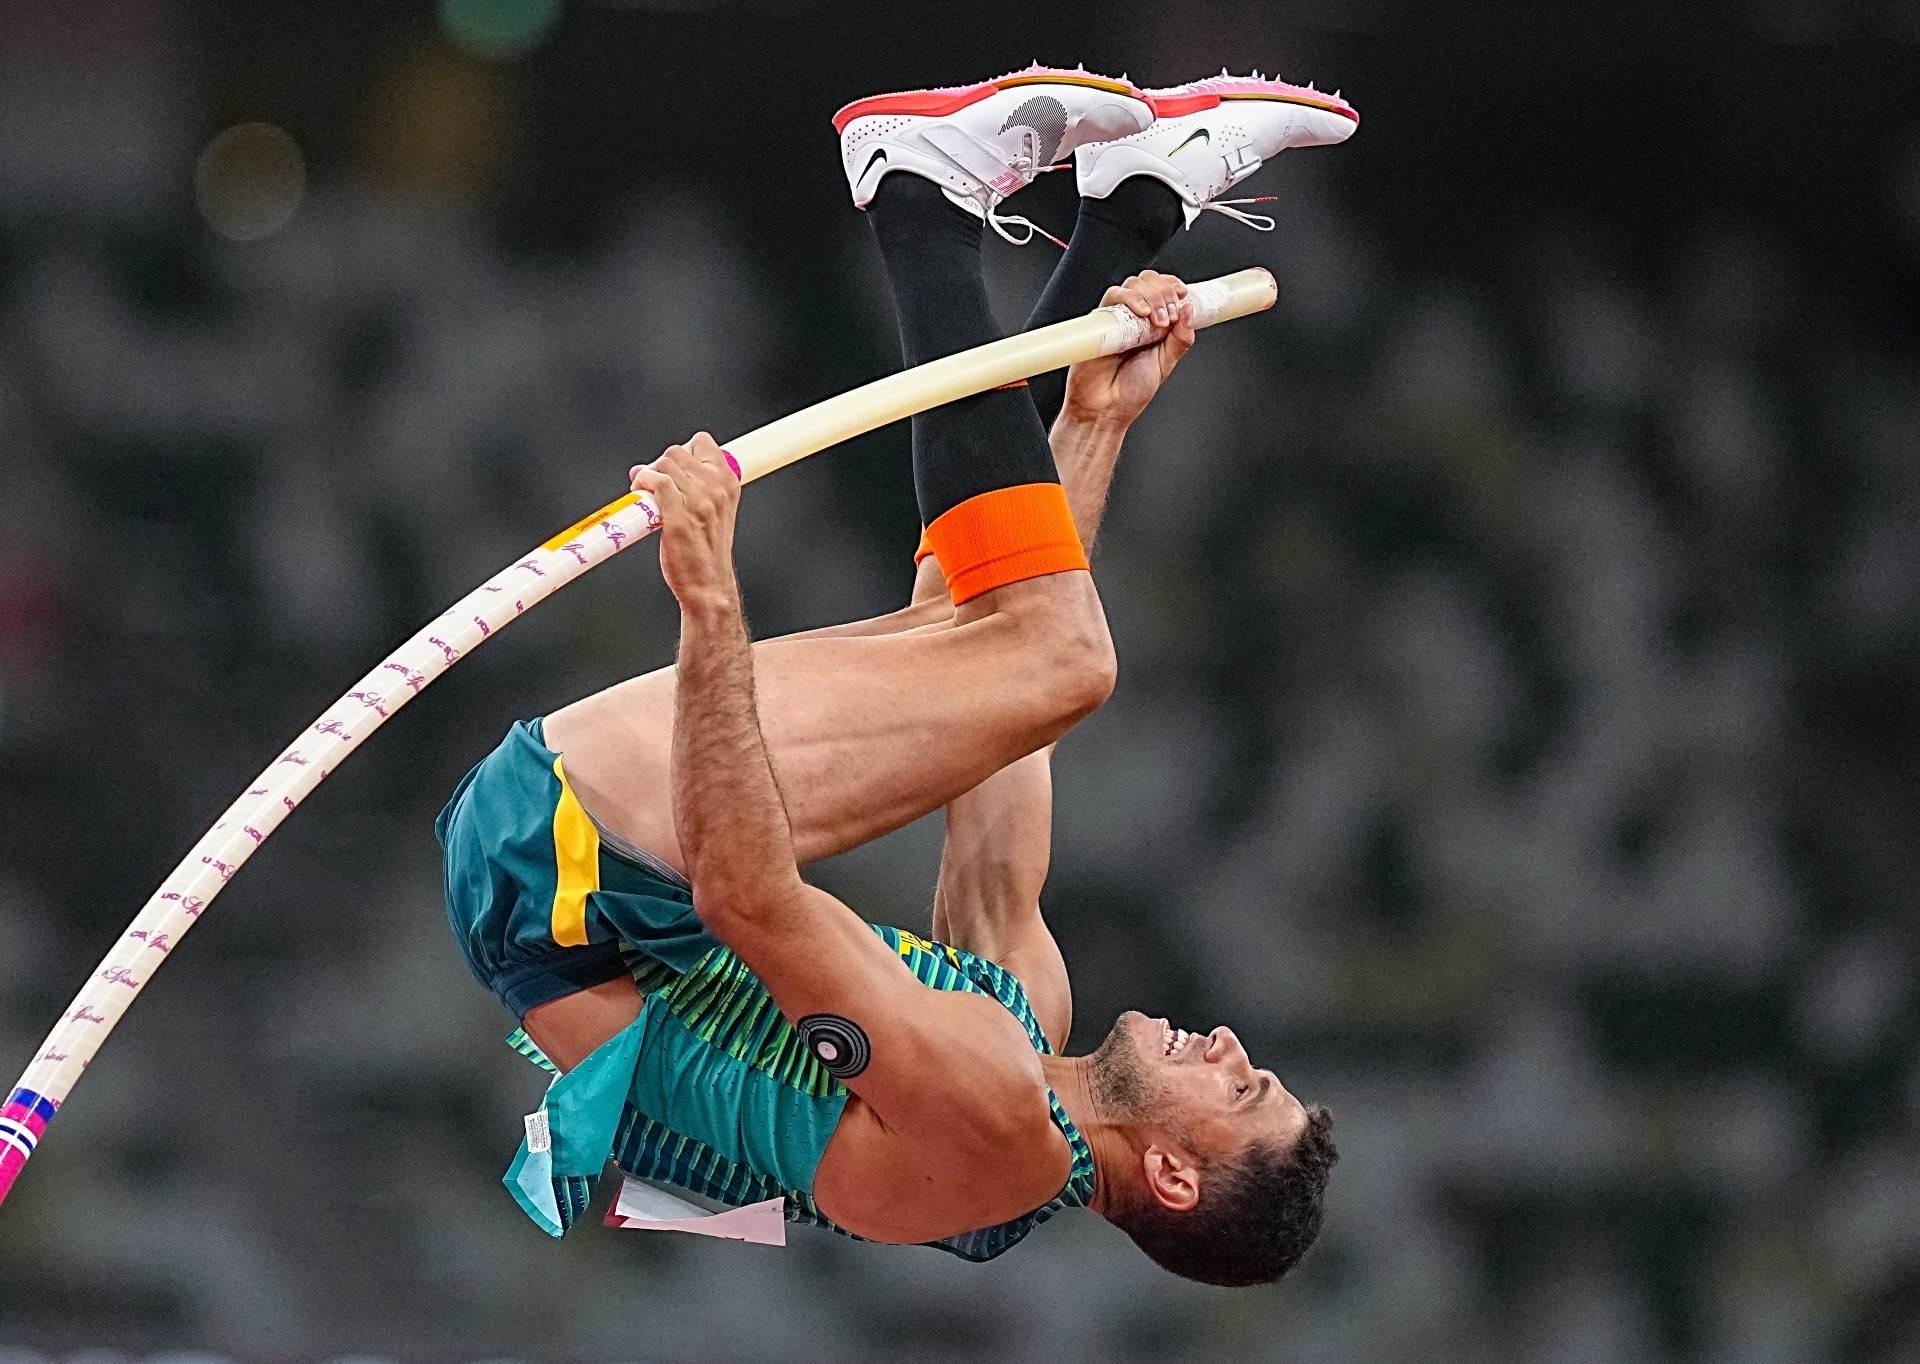 Thiago Braz saltou 5,87m, melhor marca do ano, e ficou com medalha de bronze